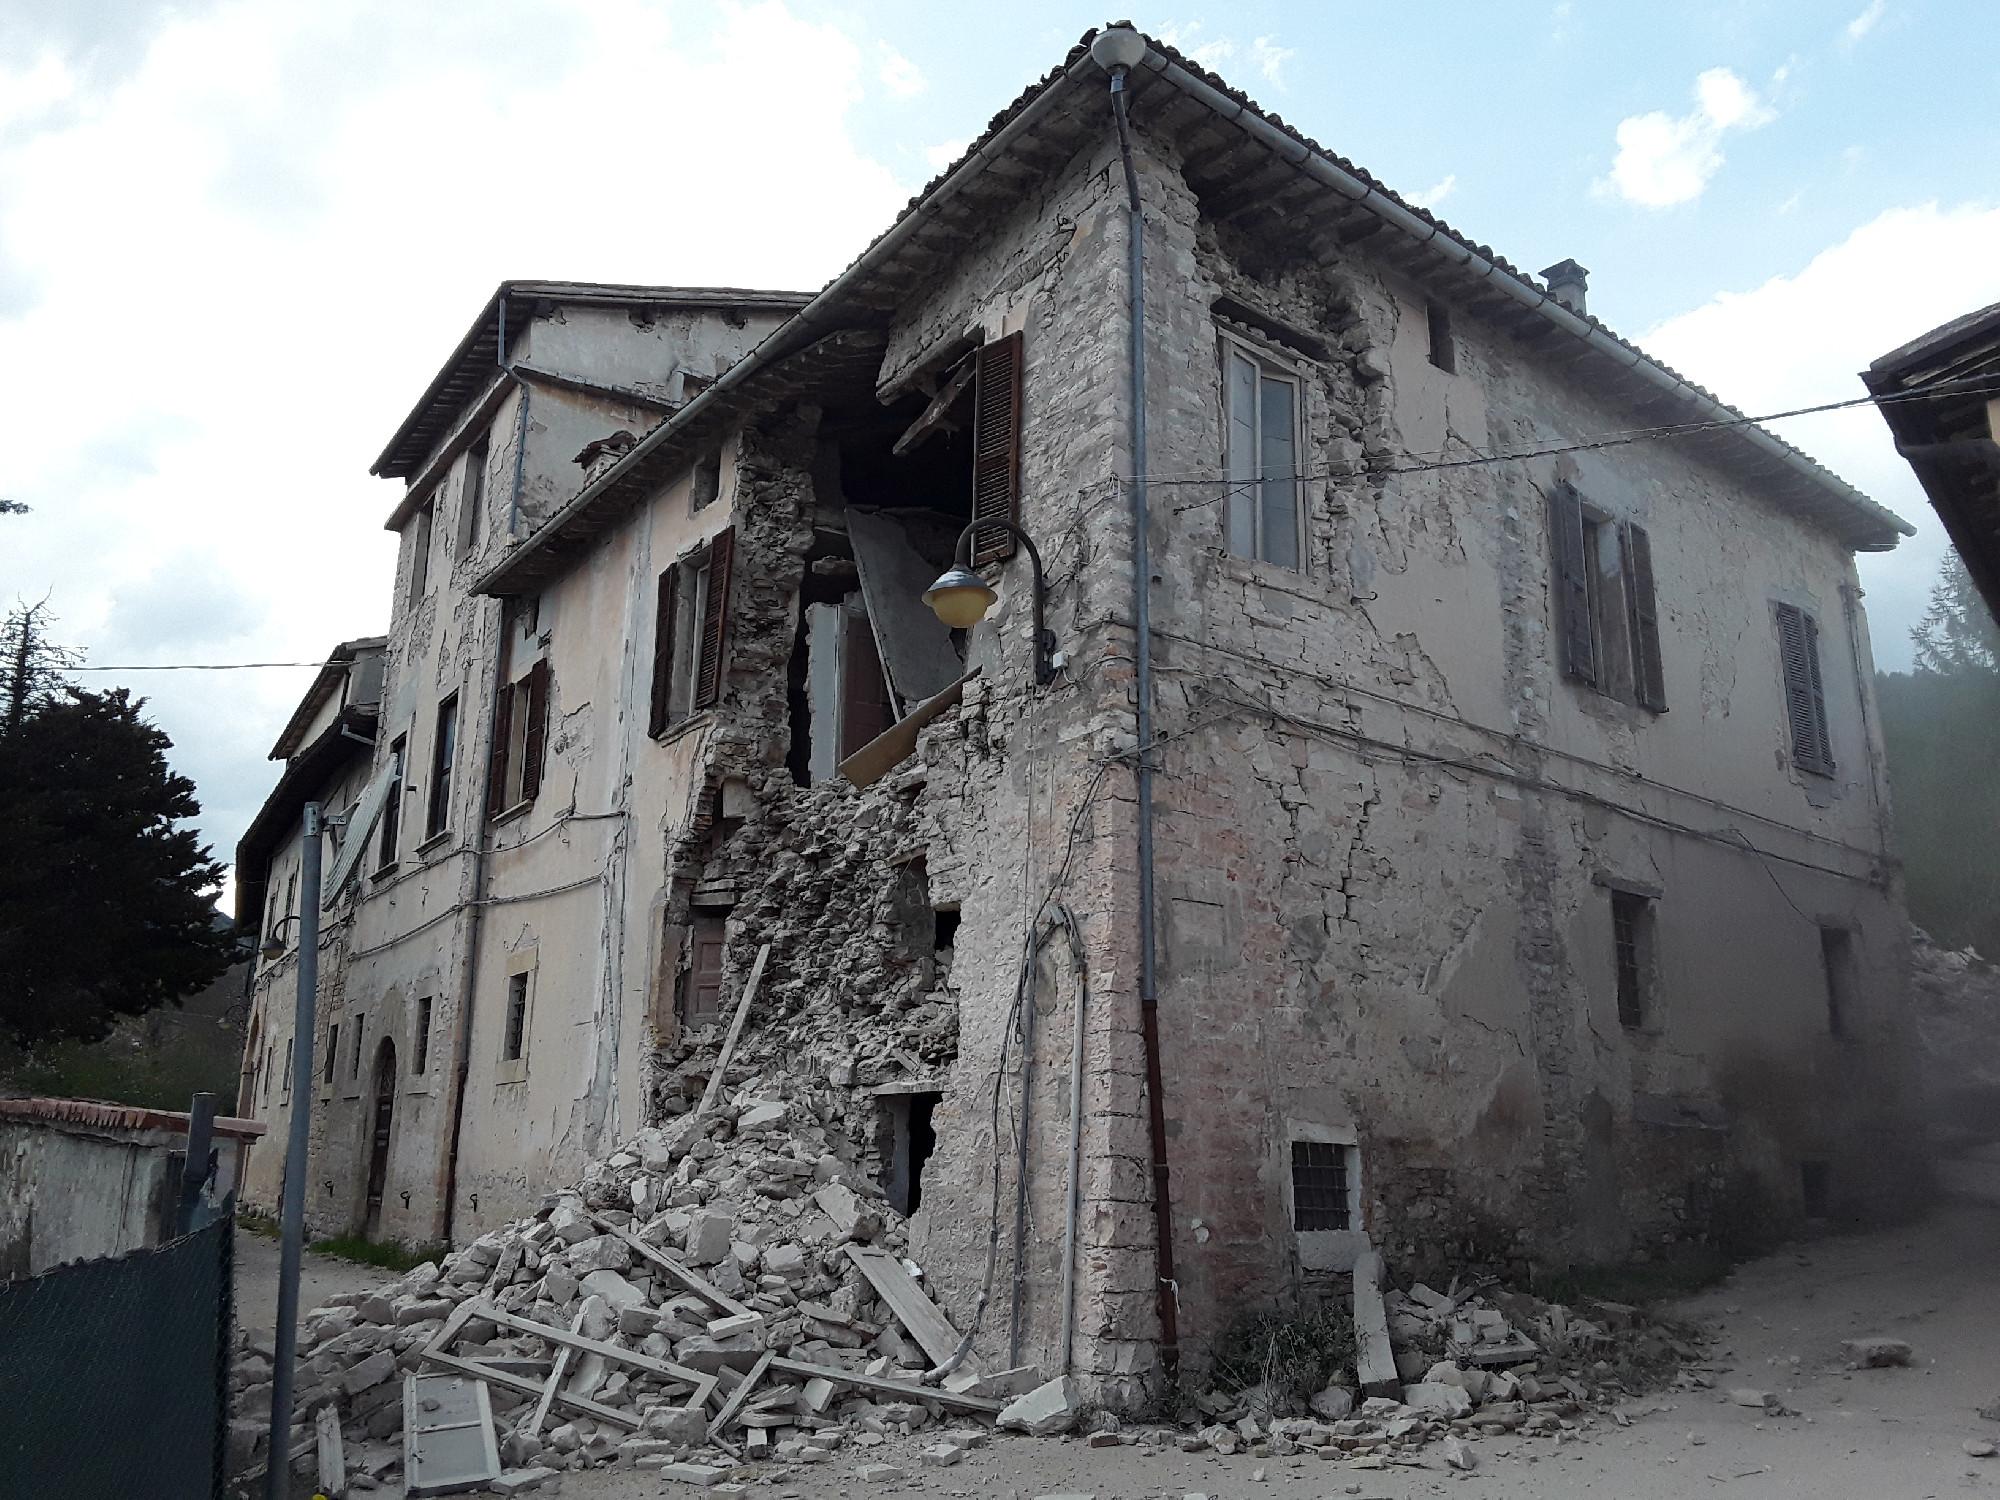 Terremoto a Pieve Torina di magnitudo 3.4 stanotte